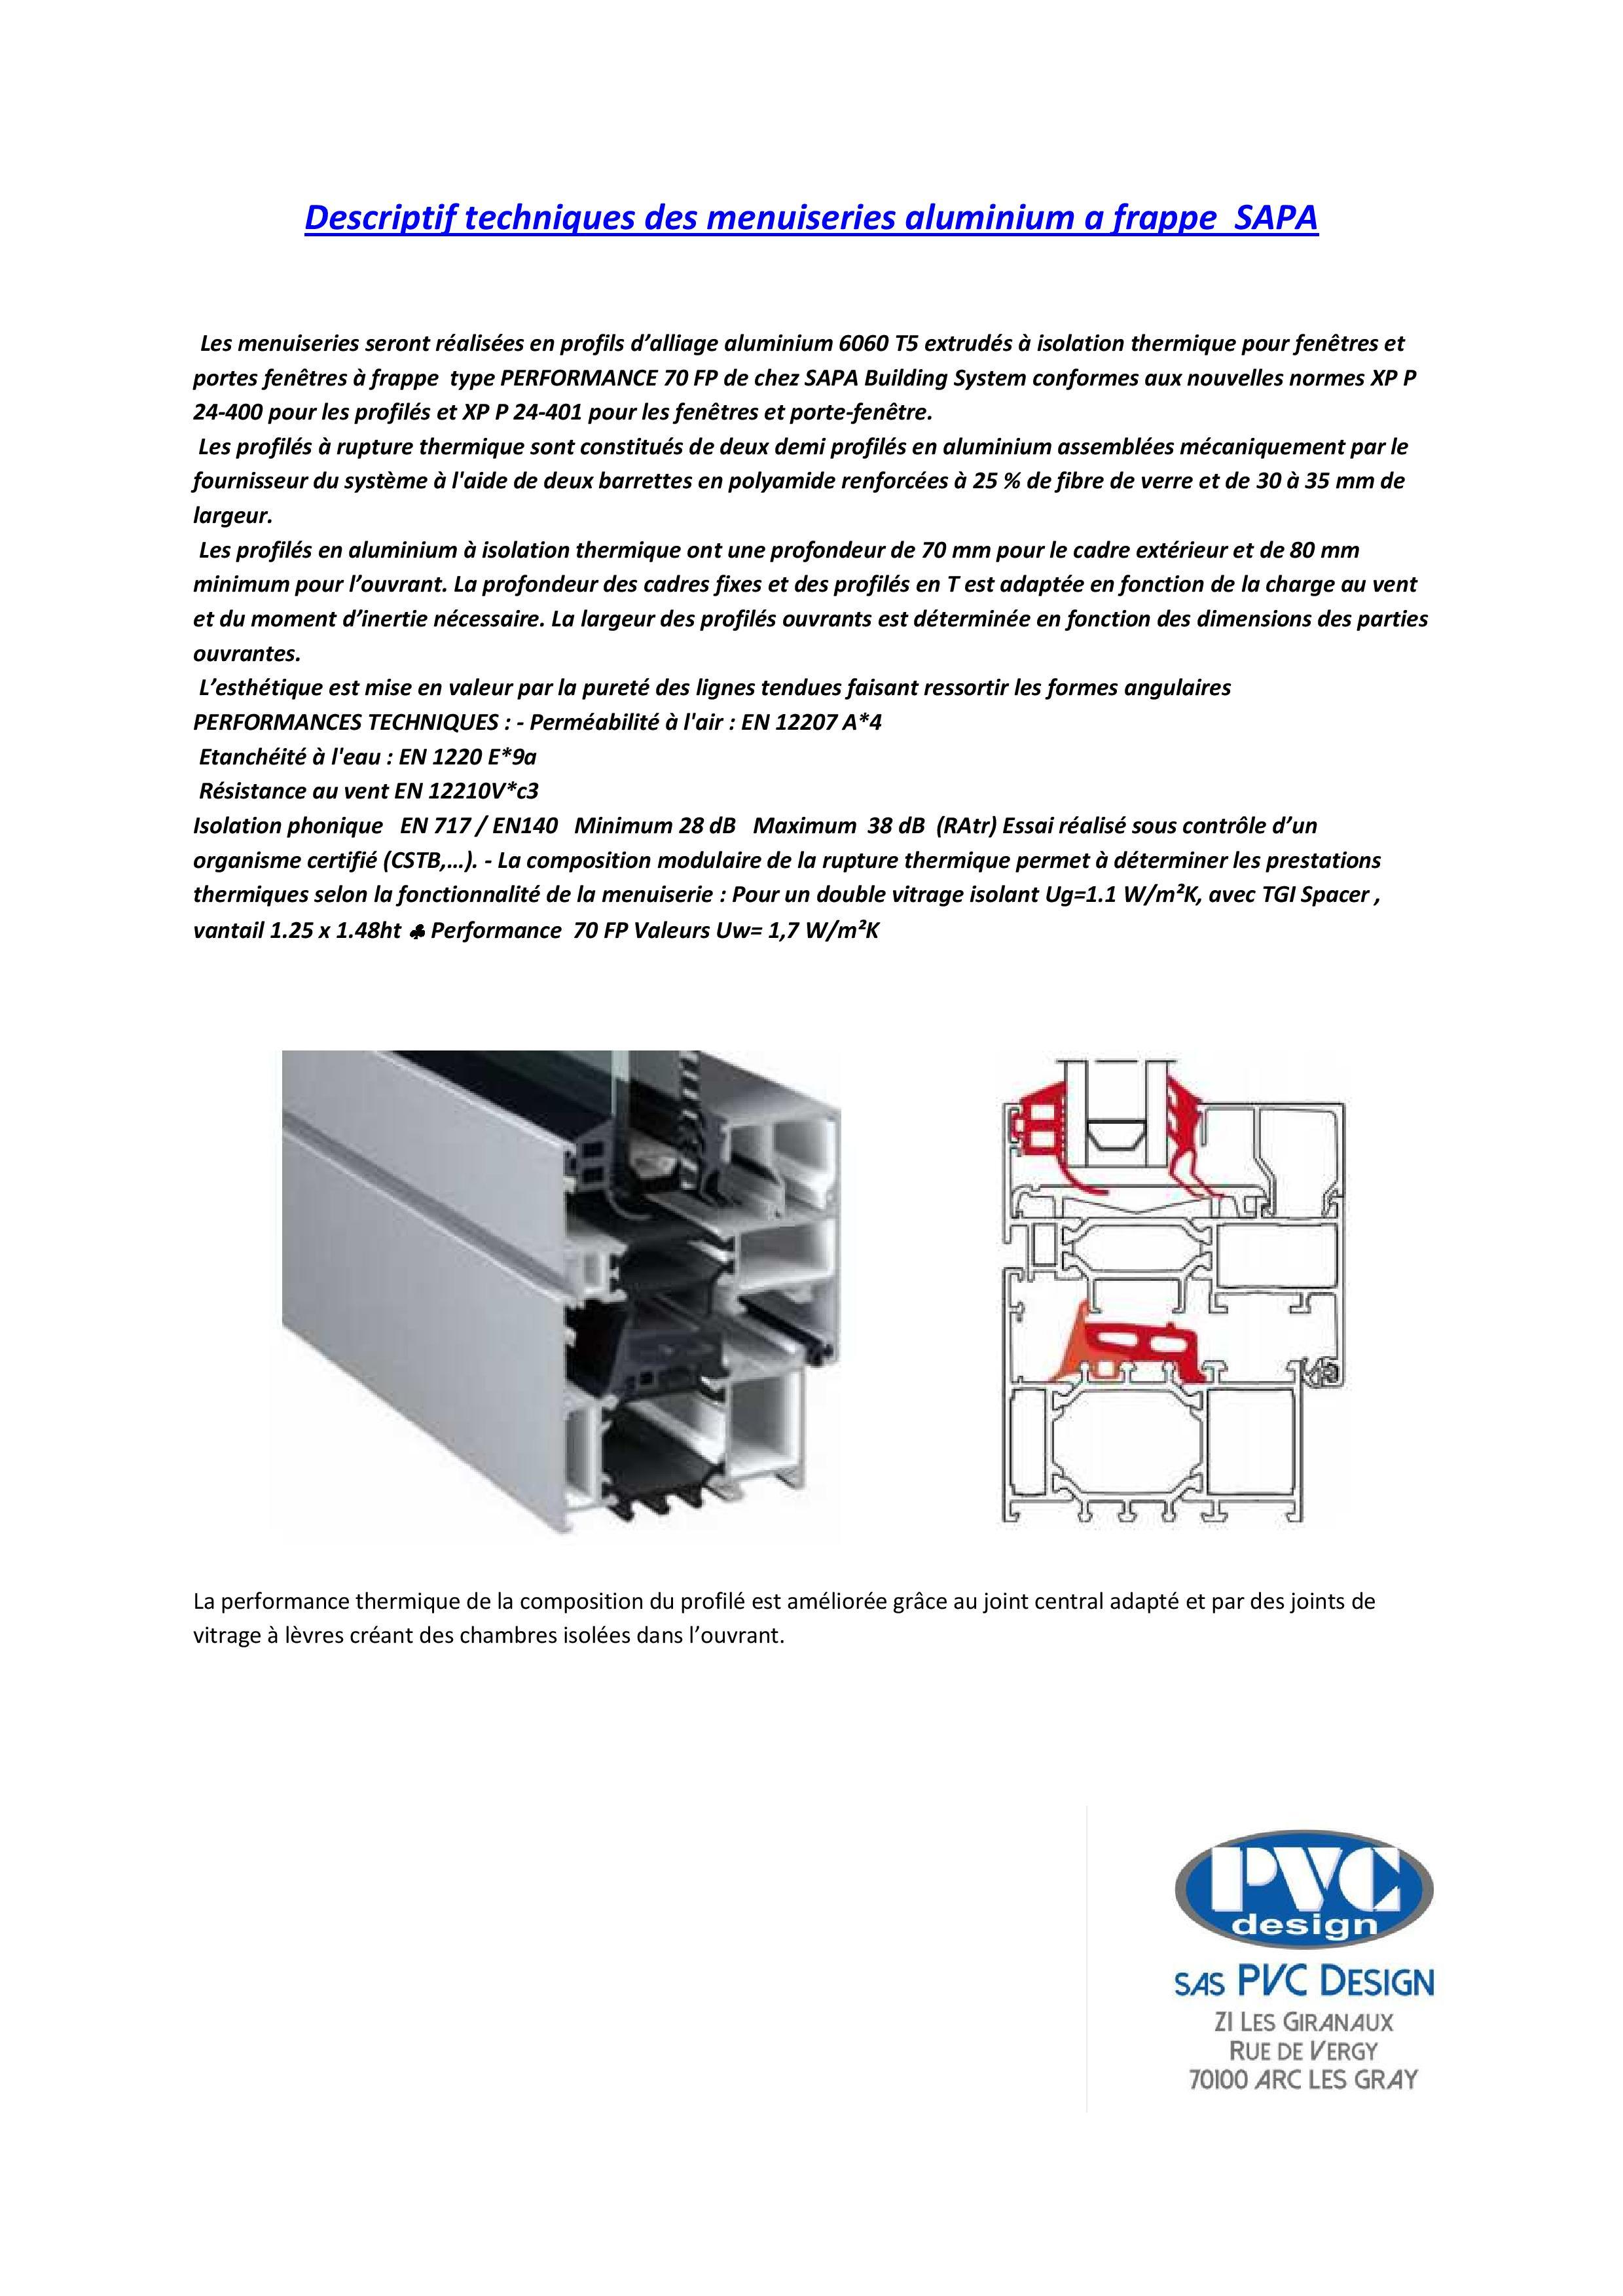 Descriptif techniques des menuiseries aluminium a frappe SAPALOGIC-page-001